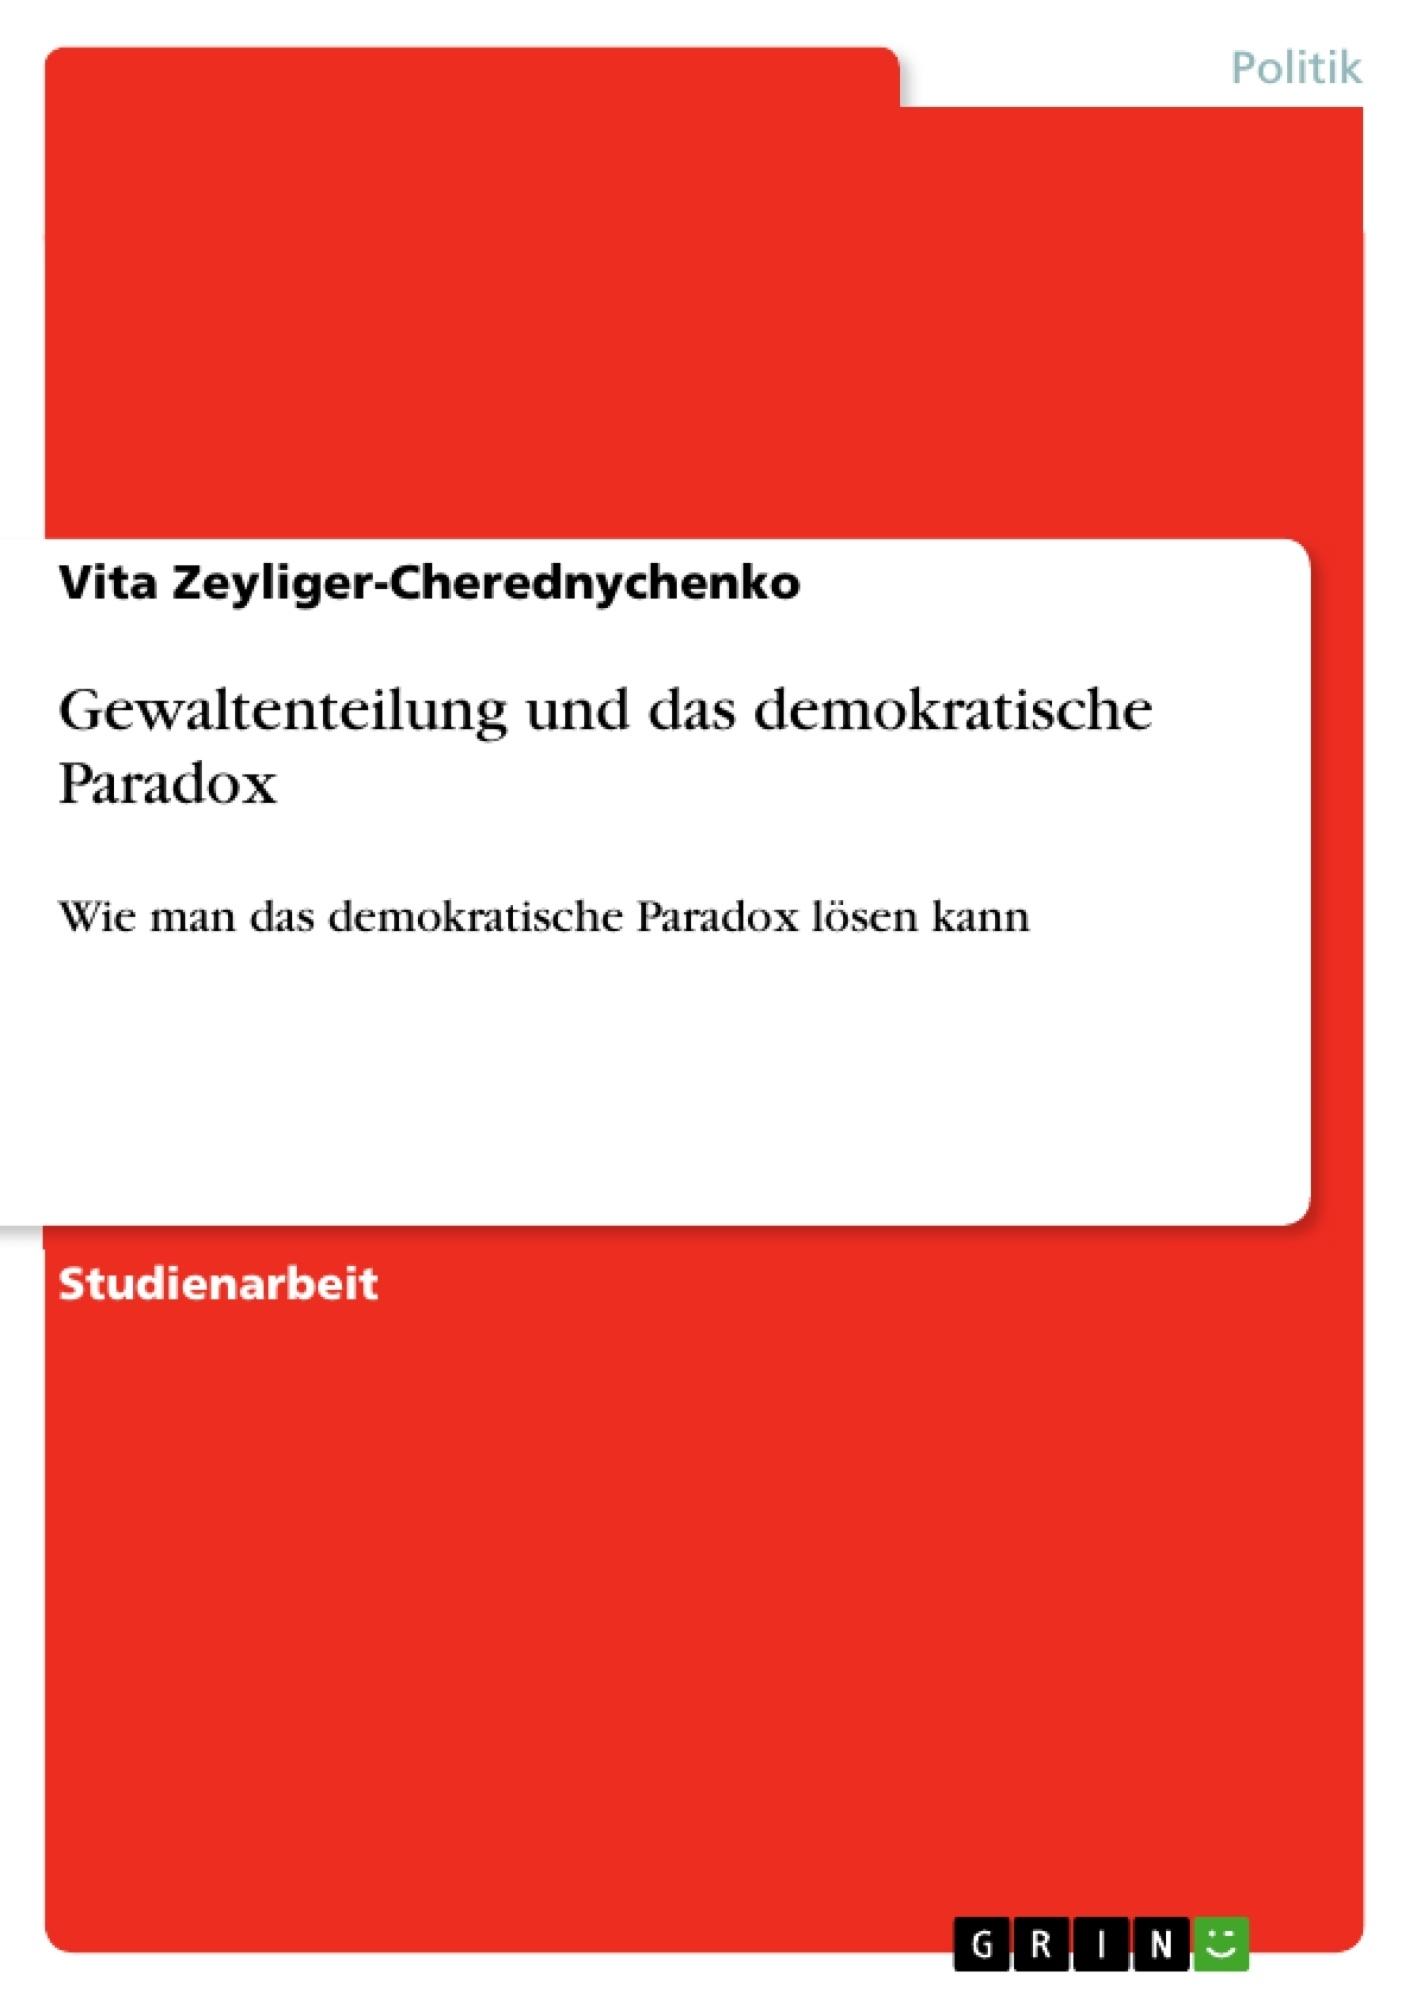 Titel: Gewaltenteilung und das demokratische Paradox